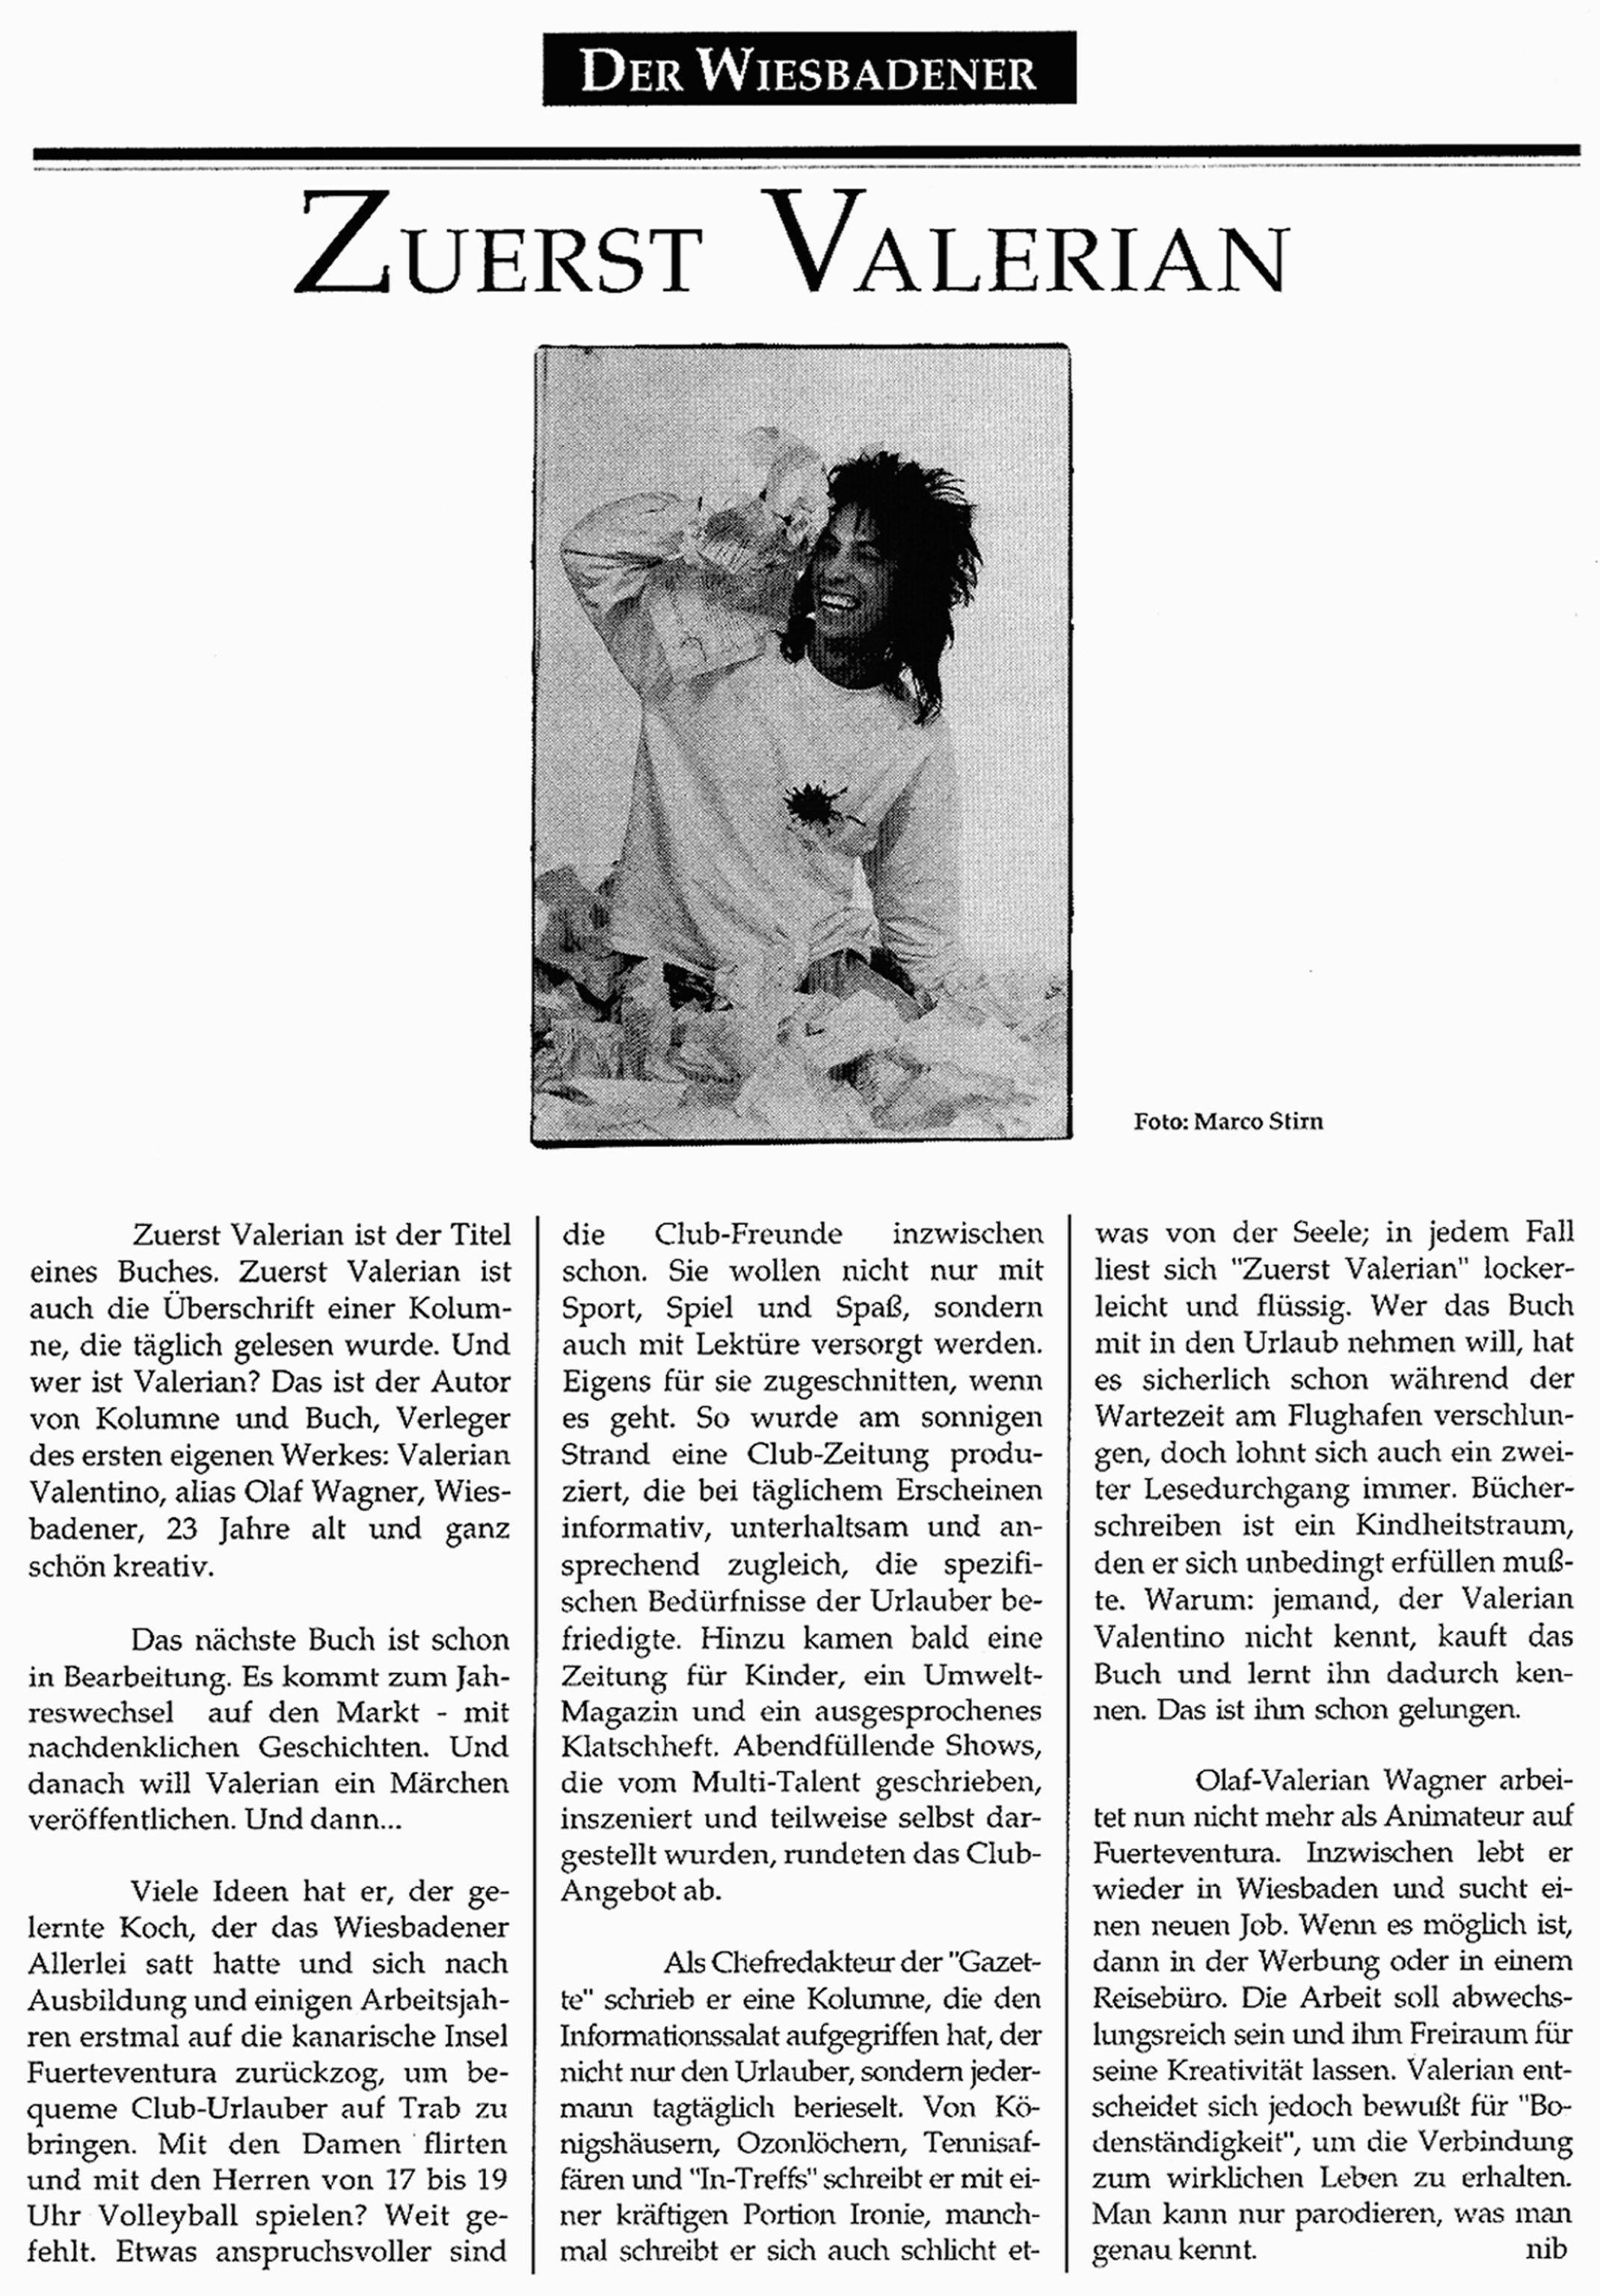 Der Wiesbadener – Zuerst Valerian